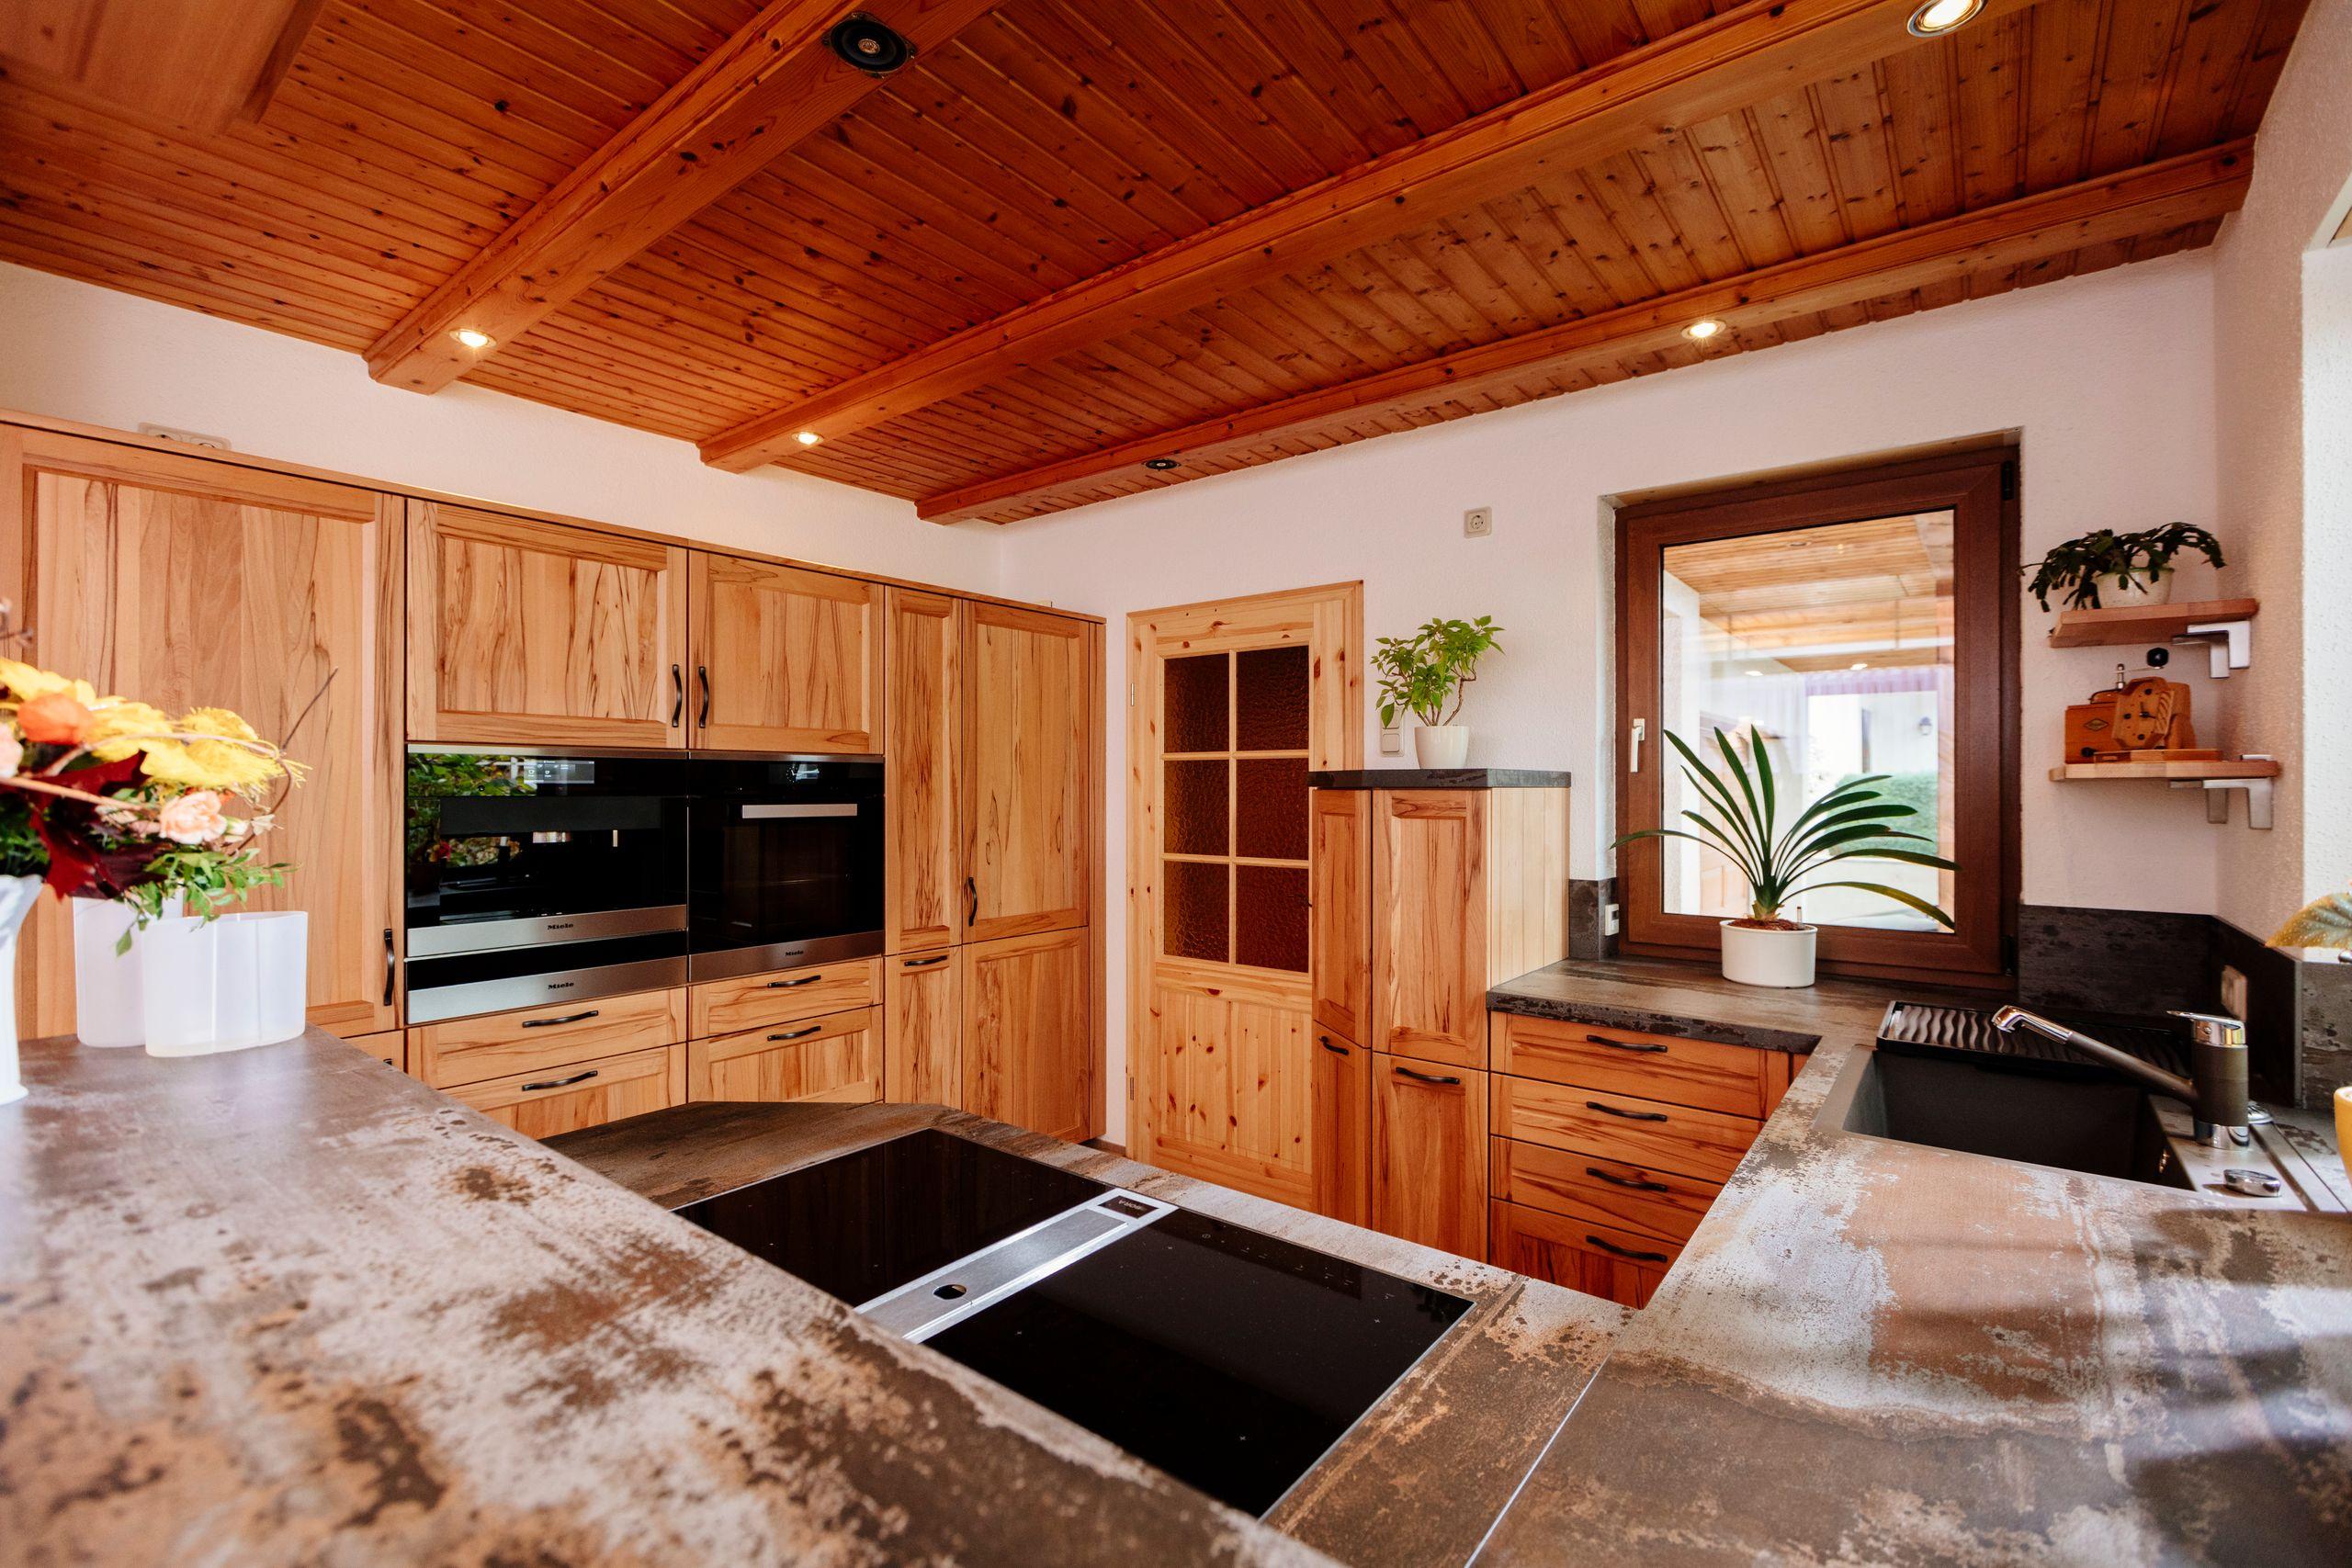 Full Size of Holzküche Kinder Zubehör Holzküche Mit Betonarbeitsplatte Kinder Holzküche Mit Geräuschen Holzküche Gebraucht Küche Holzküche